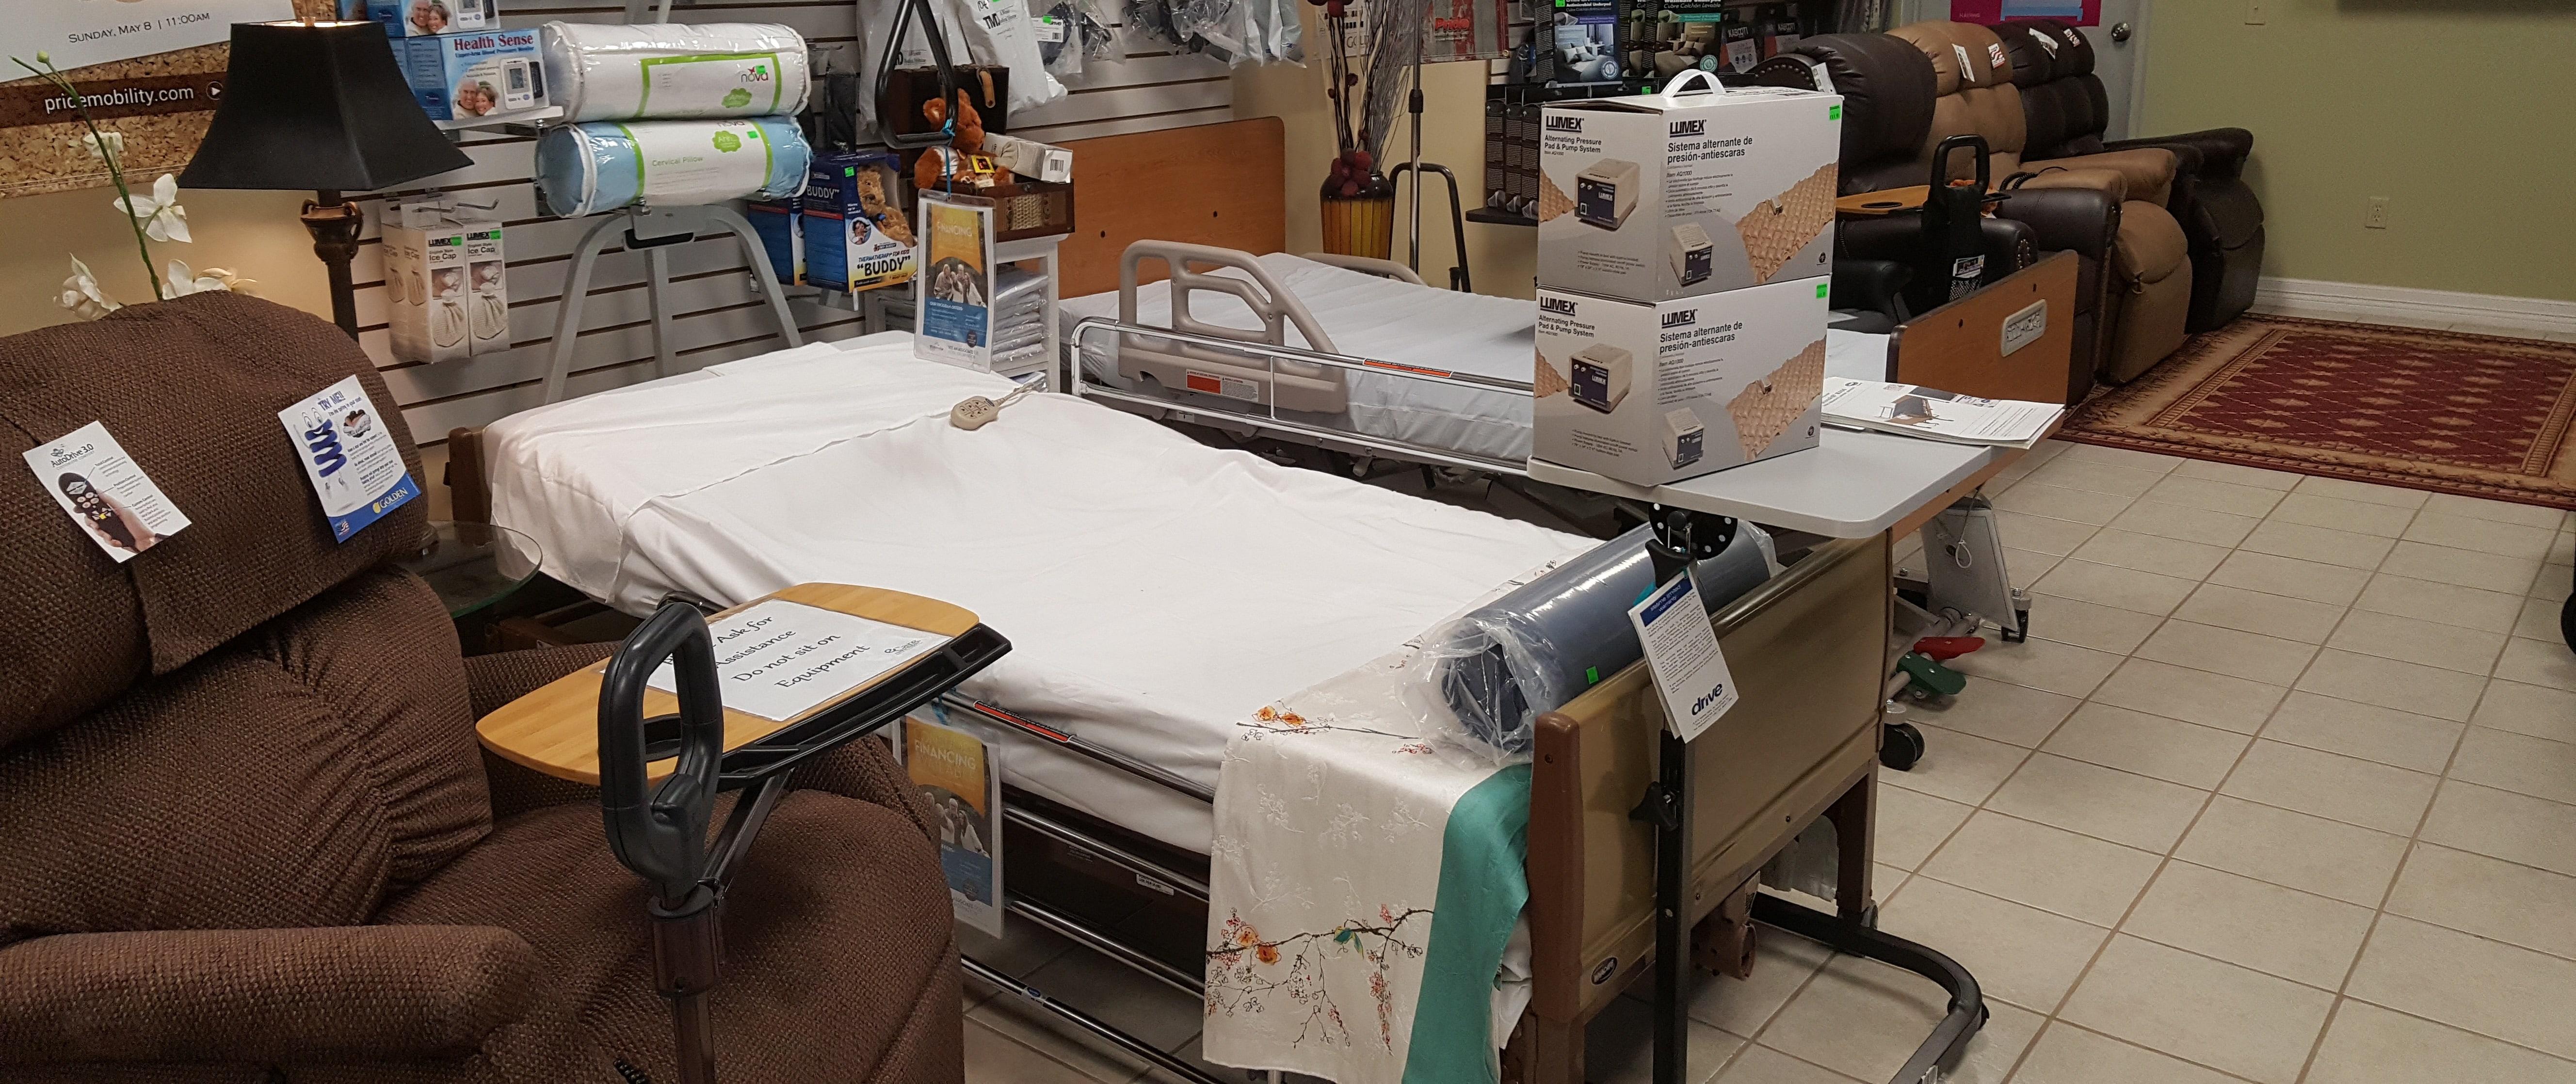 Hospital Beds Sales Amp Rentals Visit Our Hospital Bed